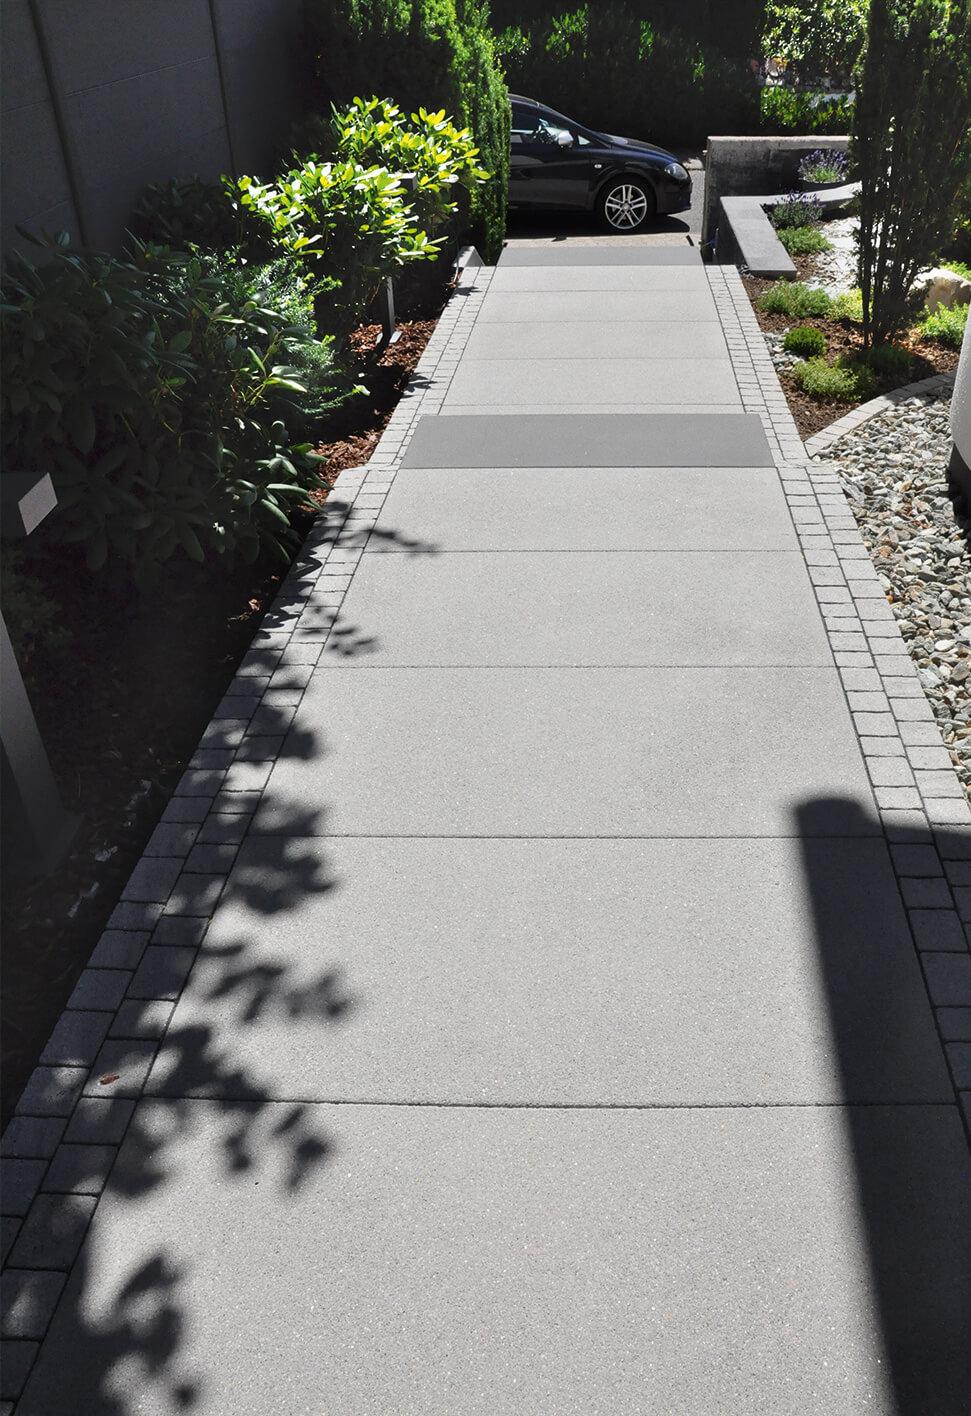 Blick auf den langen Weg mit großformatigen Platten, der entlang des Hauses bis zum geparkten Auto führt.